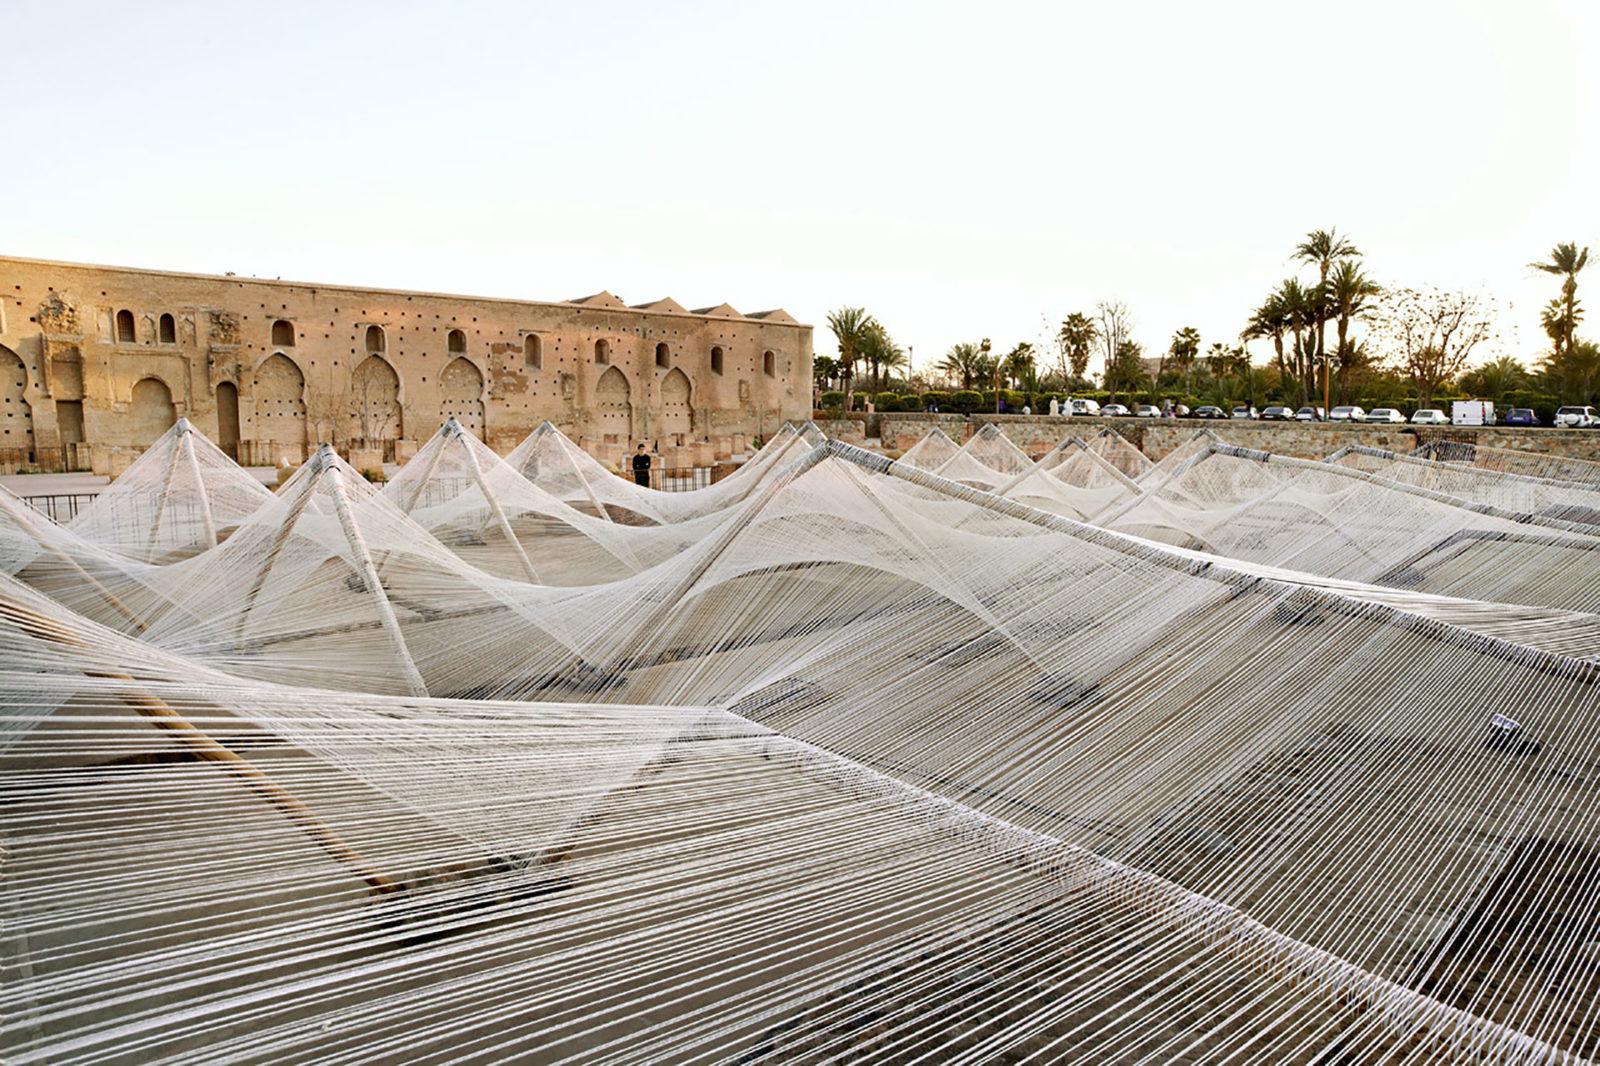 (EN) Loom Hyperbolic, Marrakech Biennale 2012